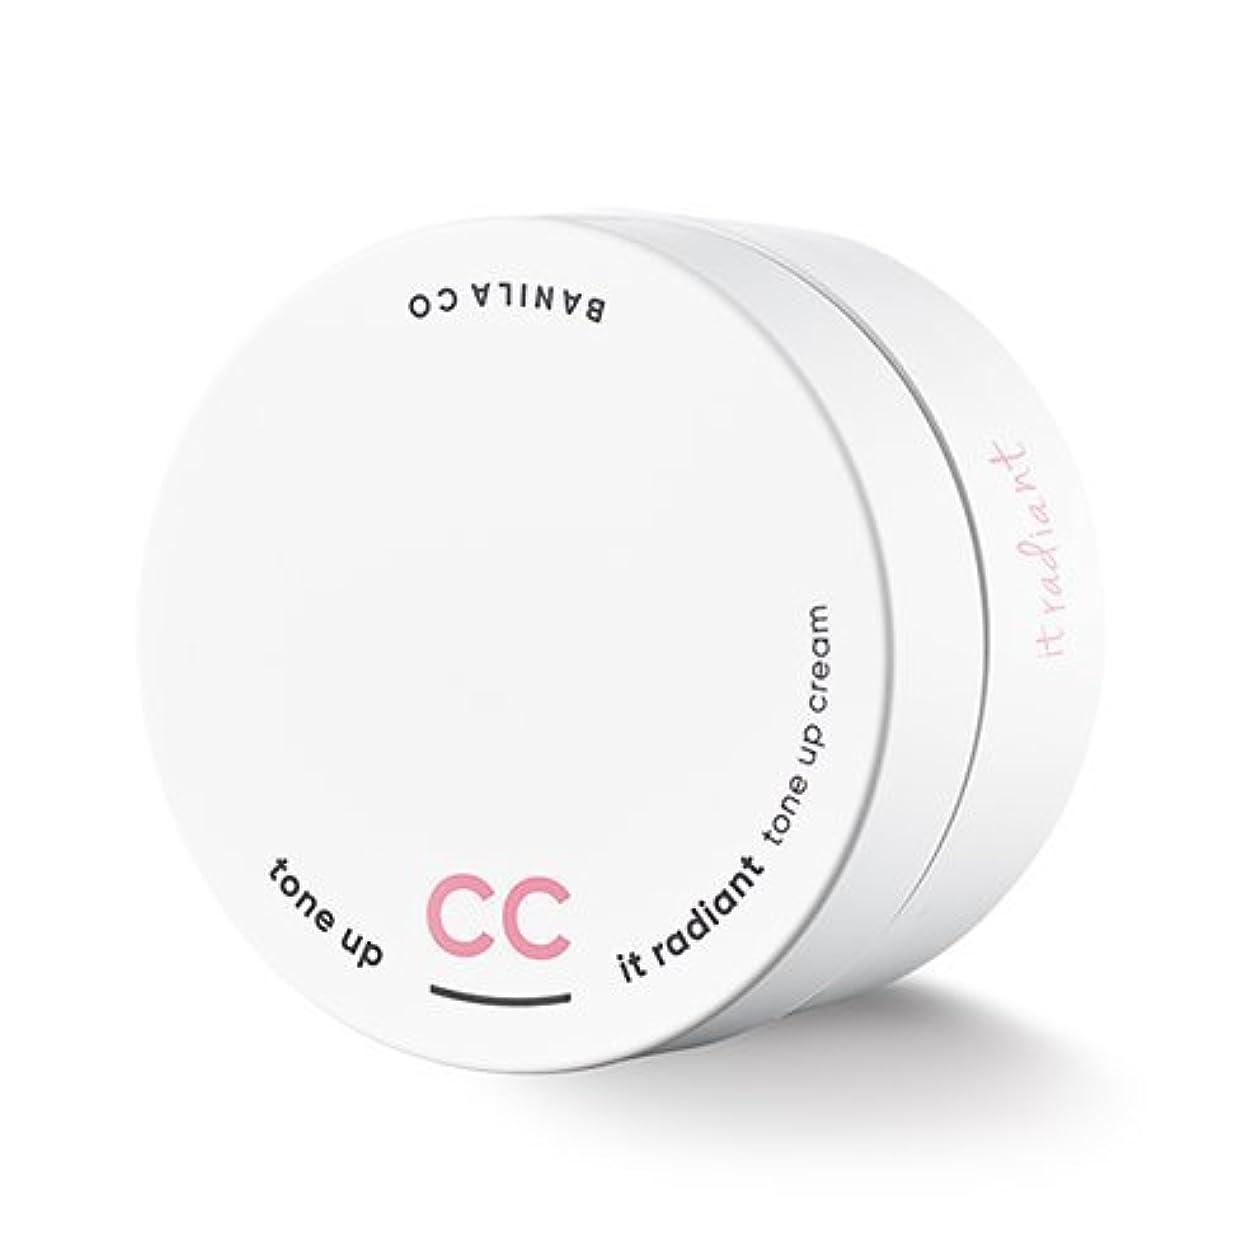 慎重に通常温かいBANILA CO It Radiant CC Tone Up Cream 50ml/バニラコ イット ラディアント CC トーンアップ クリーム 50ml [並行輸入品]